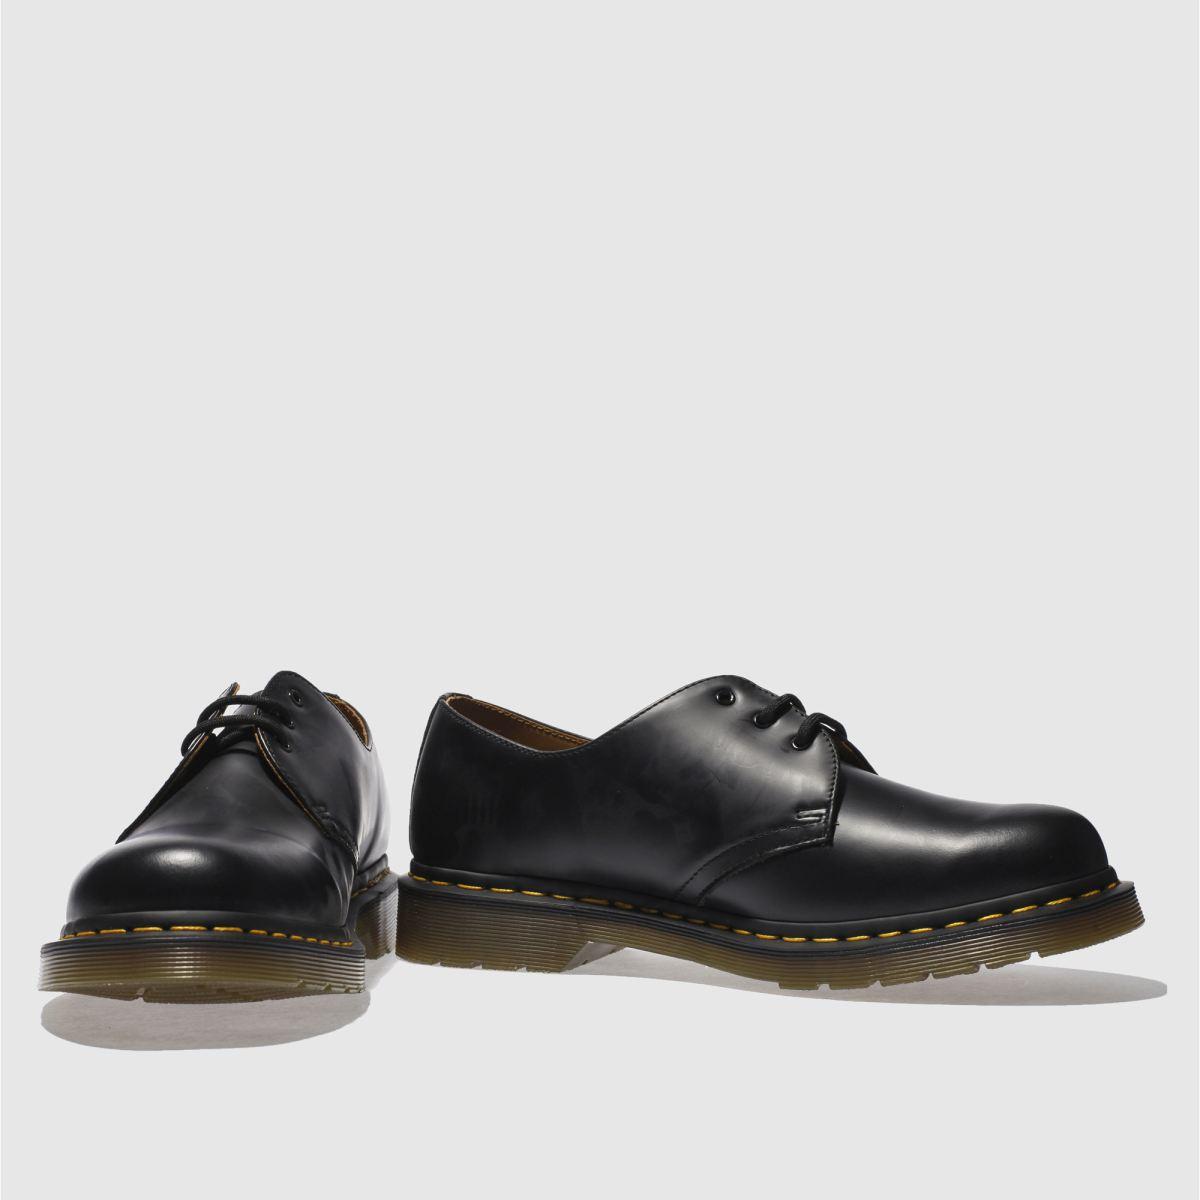 Herren Schwarz dr martens 1461 Shoe Schuhe | schuh Gute Qualität beliebte Schuhe